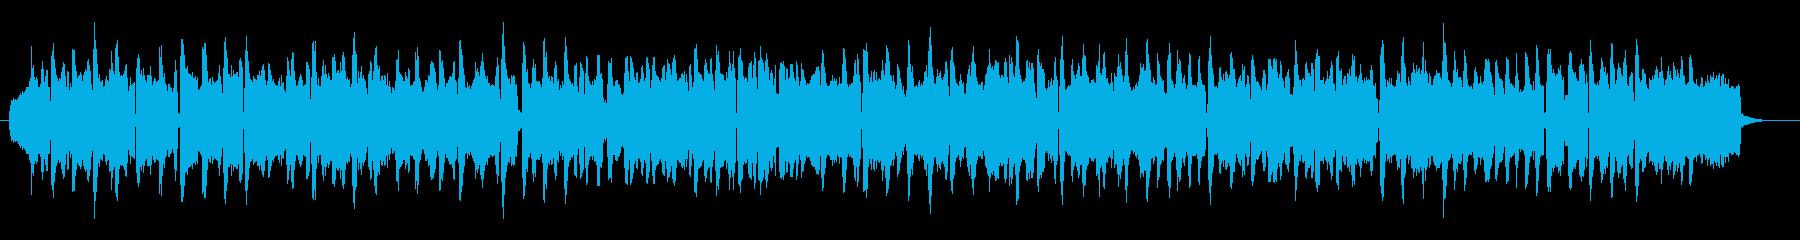 【アコーディオンのみの童話的BGM】の再生済みの波形